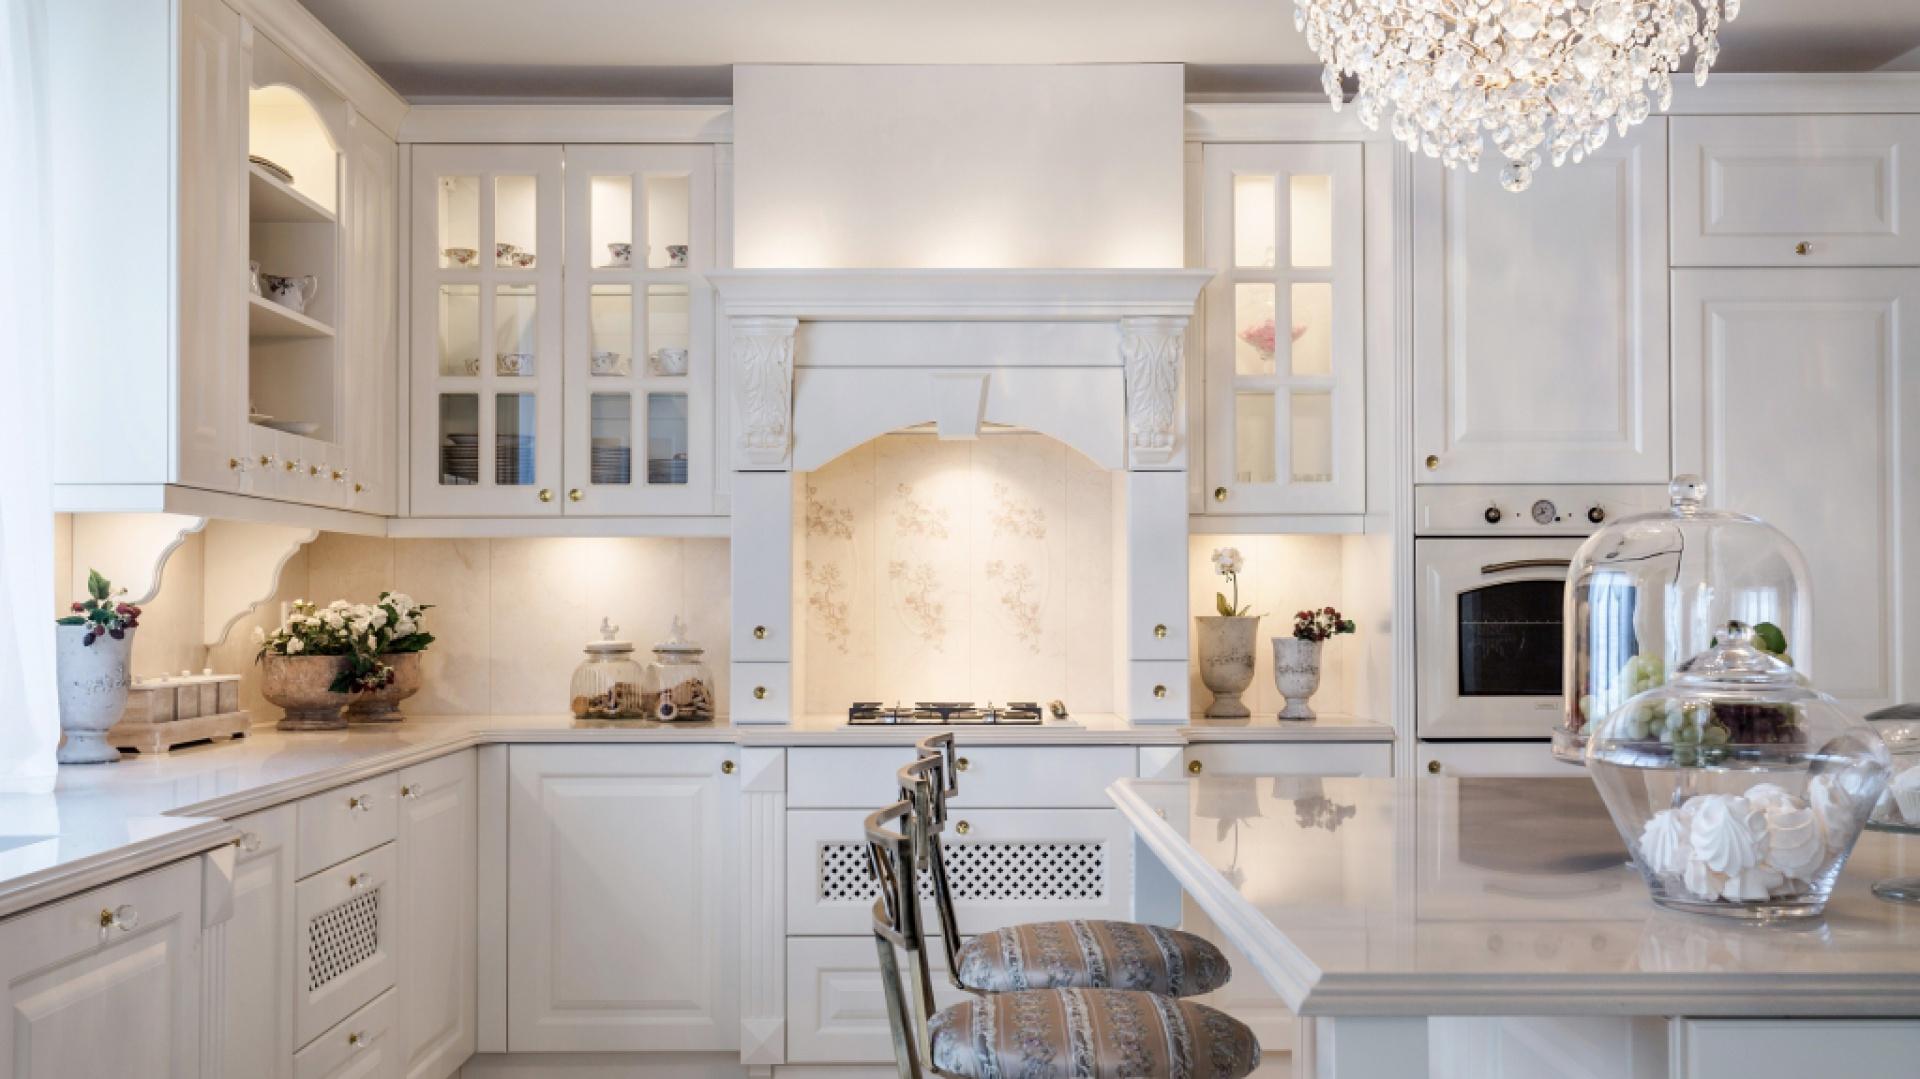 Piękna kuchnia w klasycznym stylu. Górne szafki wykonano w typowym dla tej stylistyki charakterze. Drzwiczki udekorowano przeszkleniami, dodatkowo ozdobionymi szprosami, a całość zdobią dekoracyjne uchwyty. Efektownym i ciekawym rozwiązaniem jest podświetlenie szafek od wewnątrz. Projekt: Małgorzata Błaszczak. Fot. Pracownia Mebli Vigo.